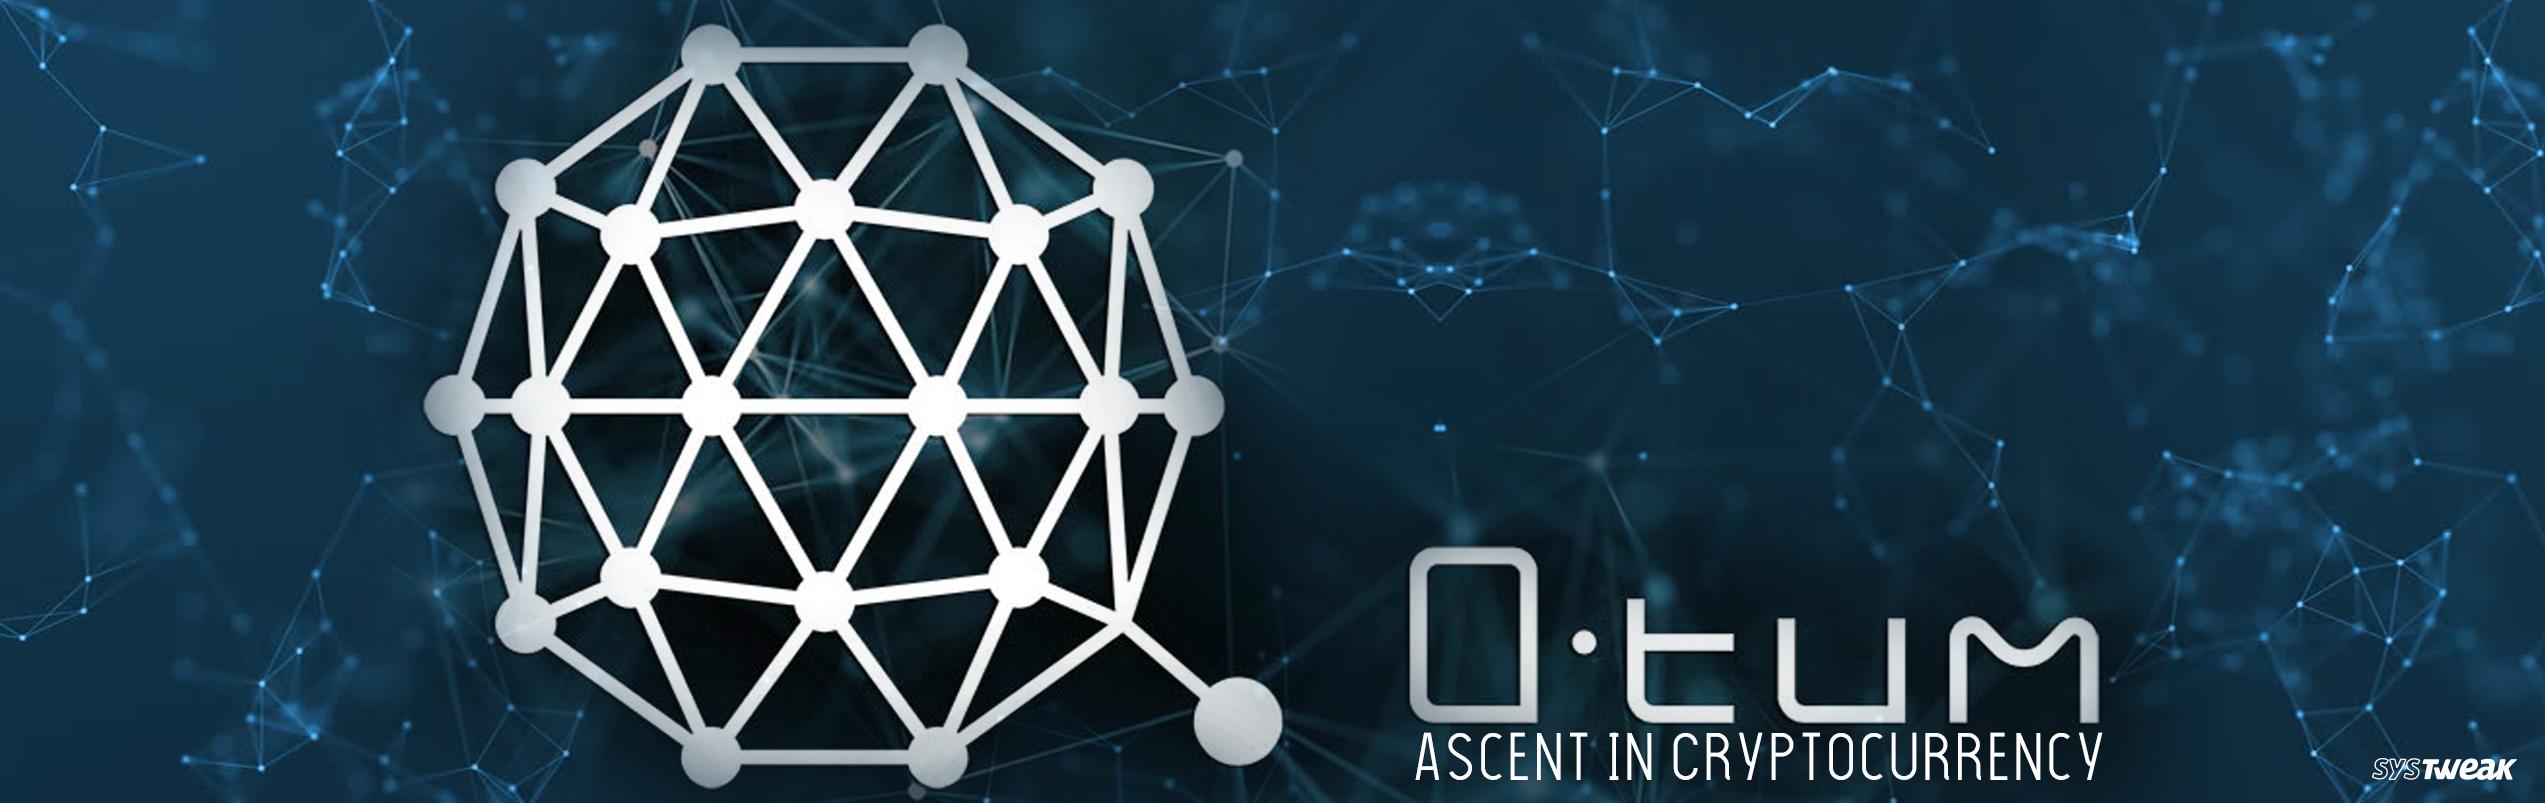 QTUM: The Rise of QTUM